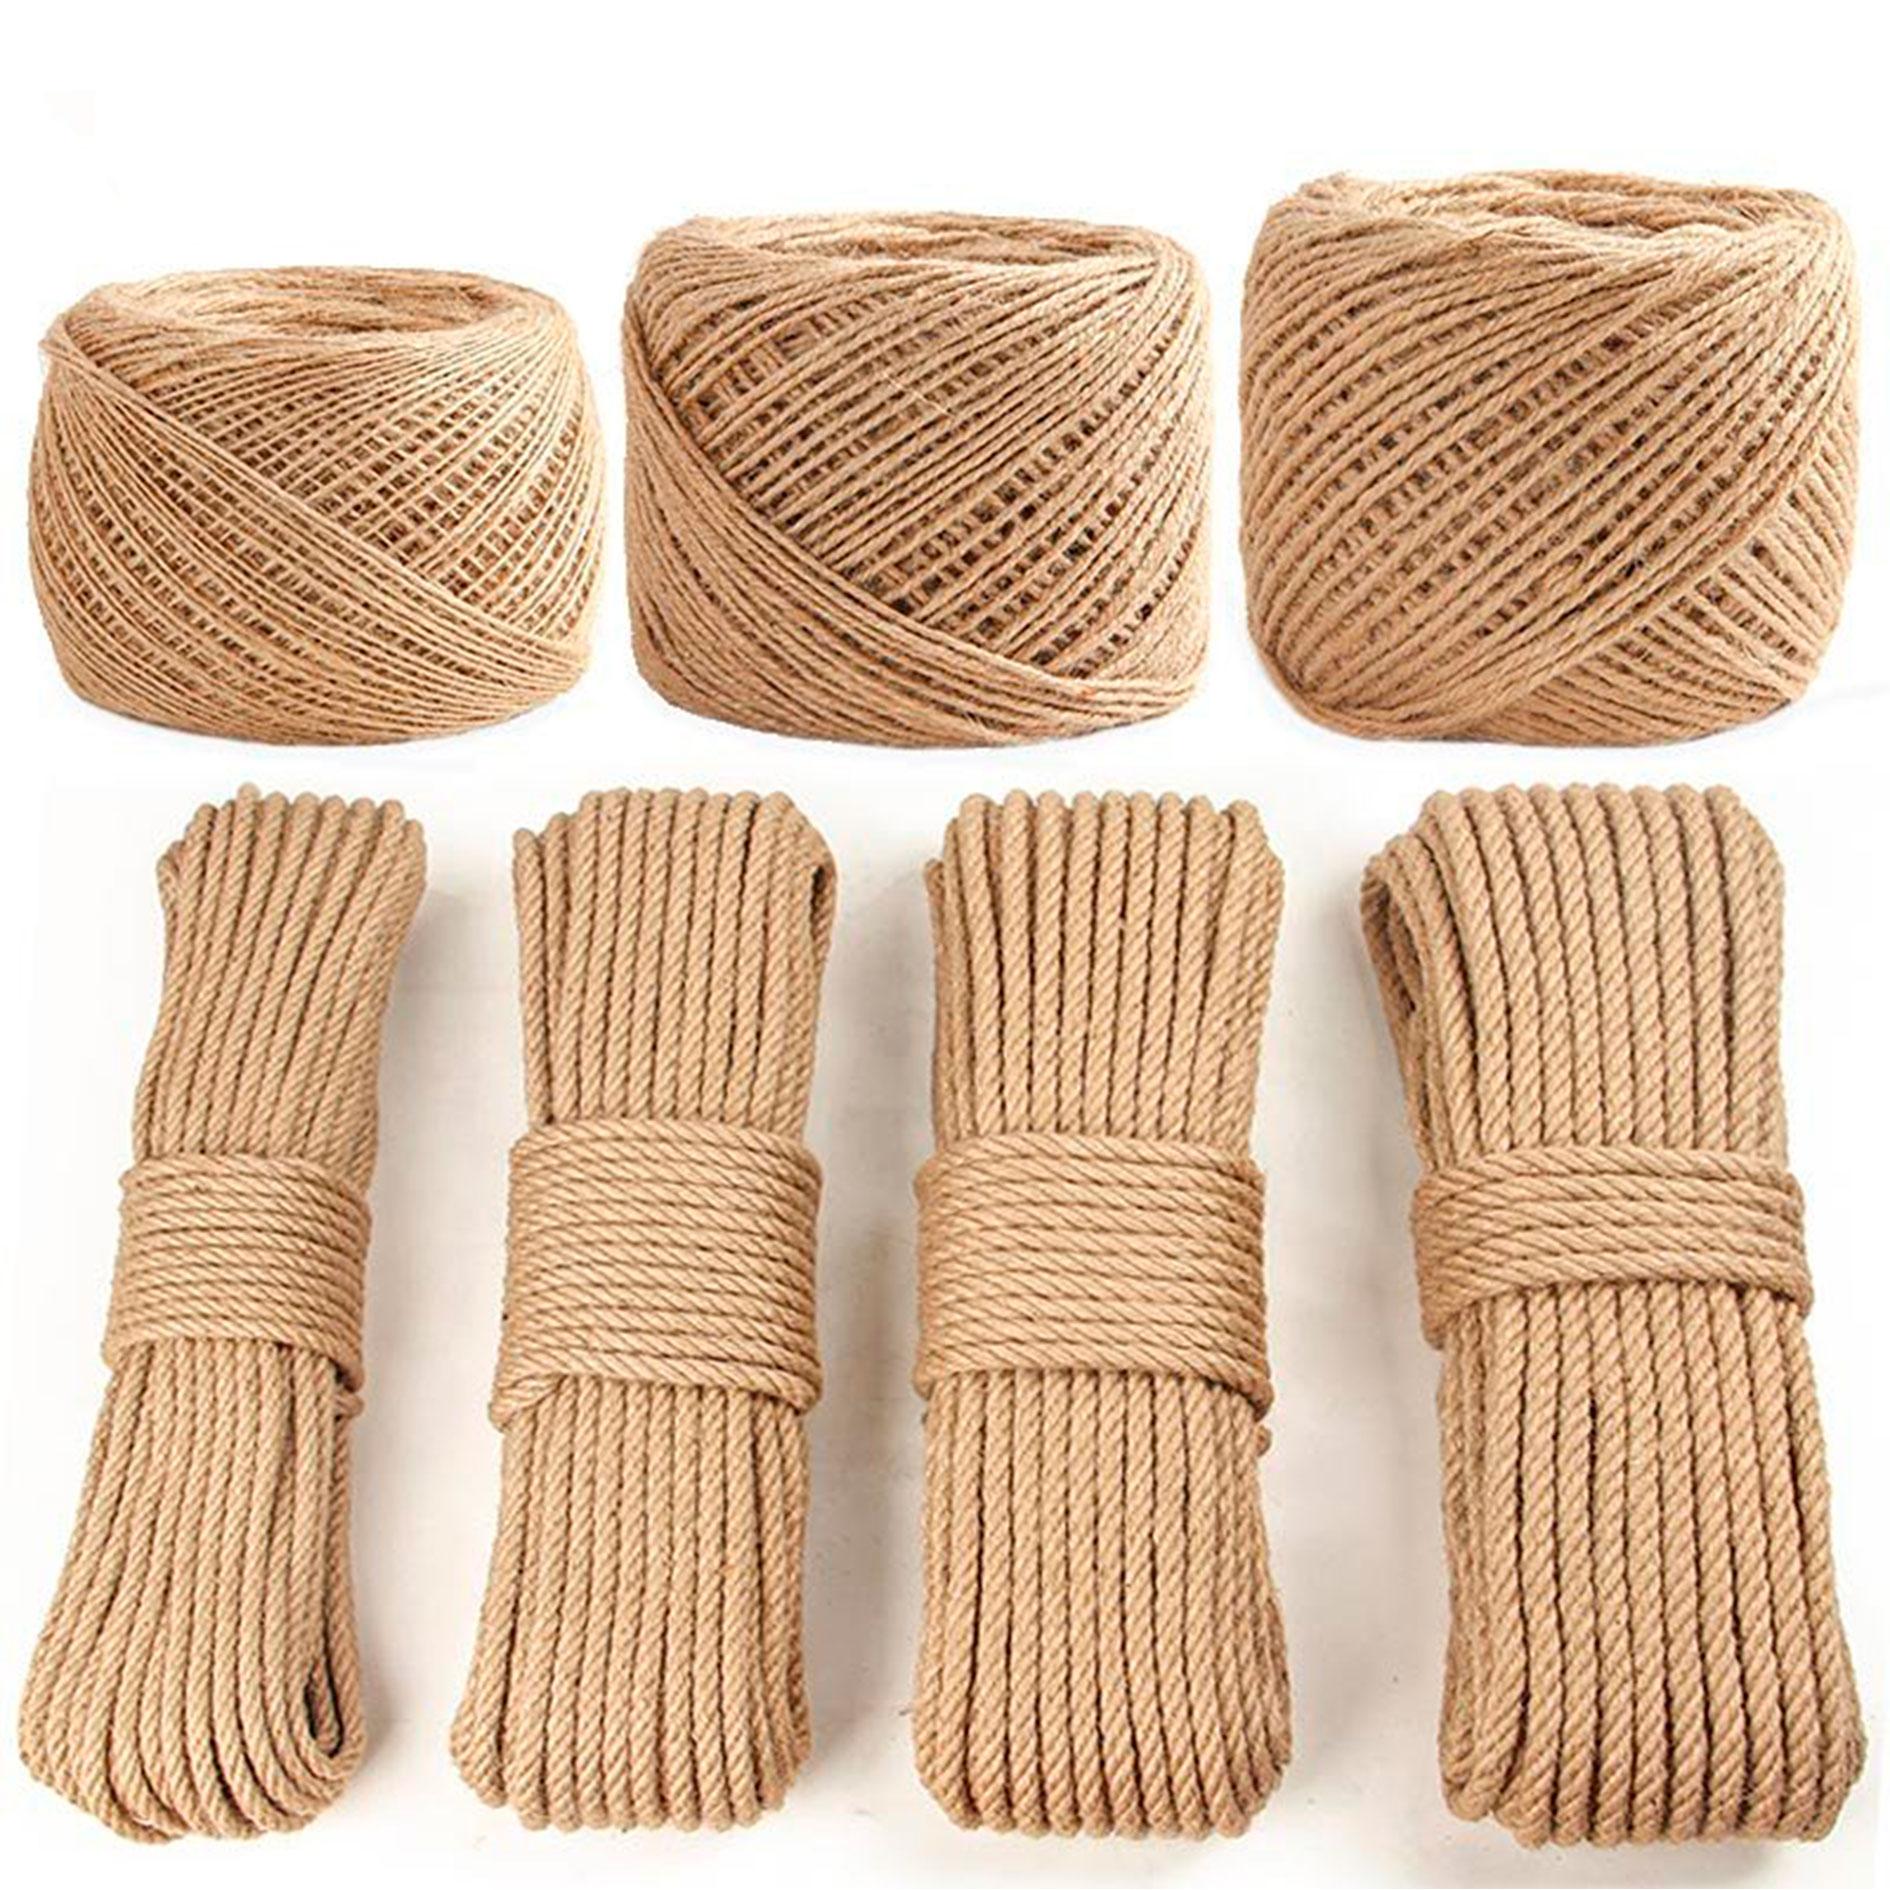 cuerda-y-cordel-de-cañamo-ballestrinque